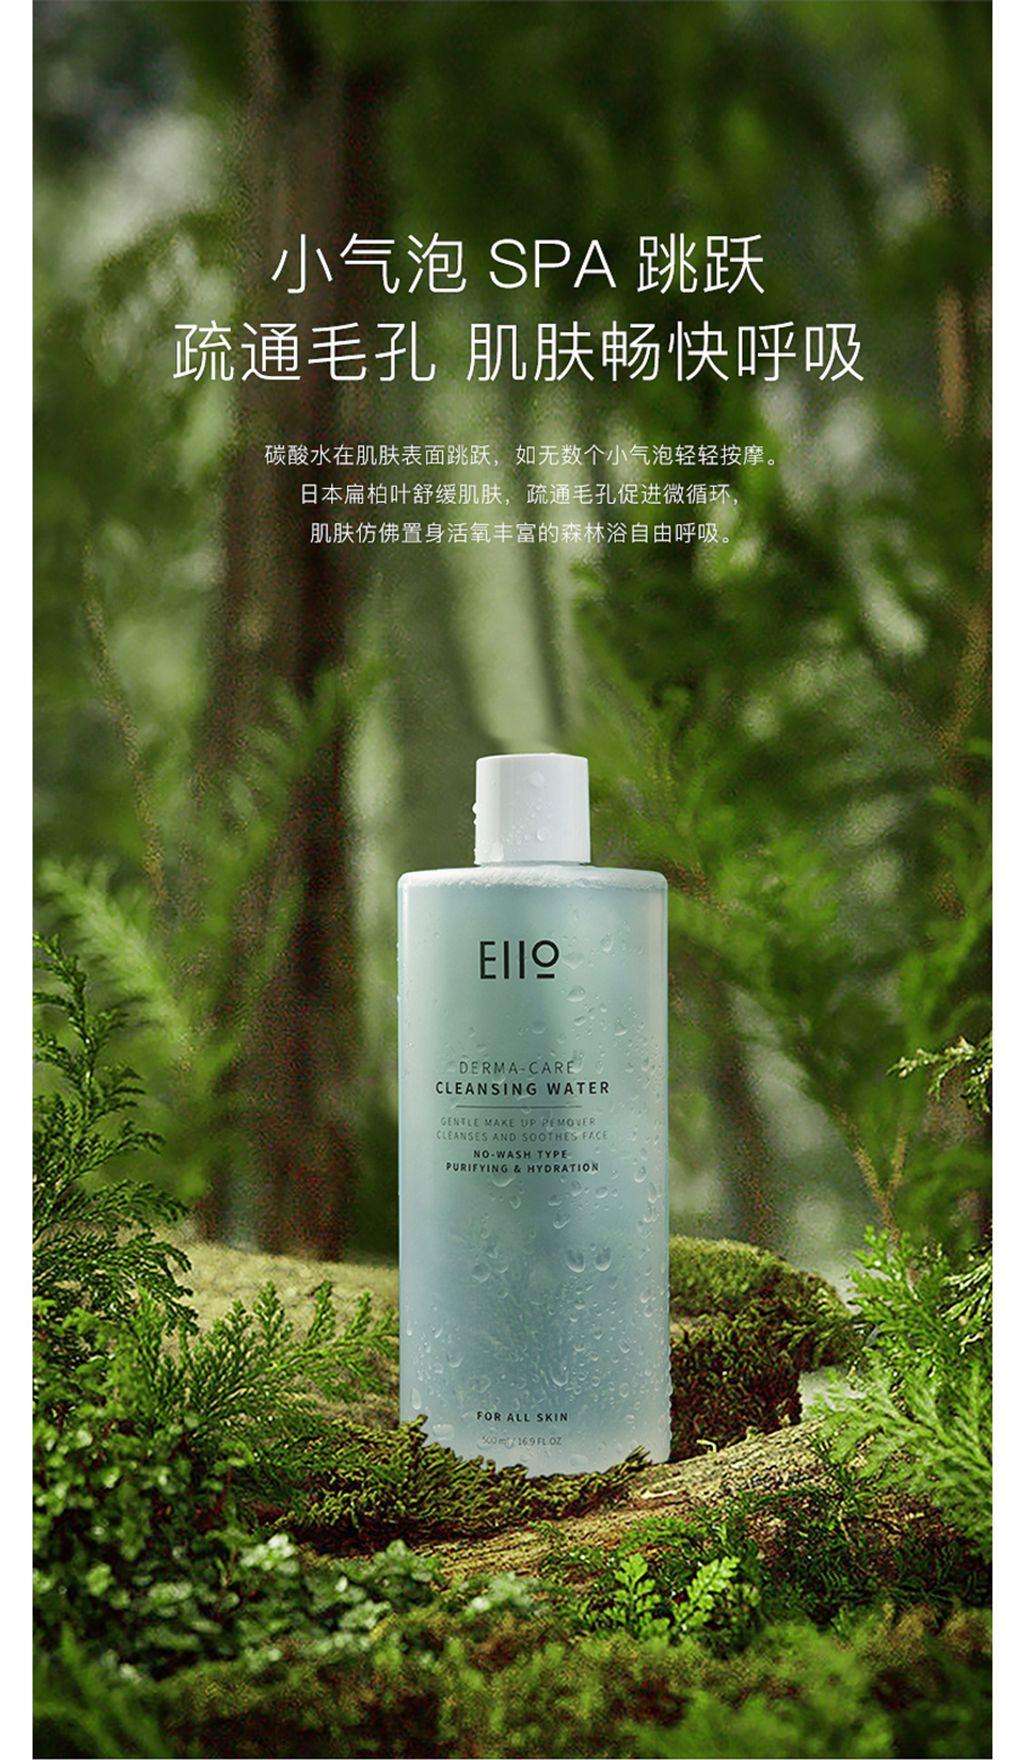 JuzBeauty_JuzBeautyMalaysia_JuzPretty_Authentic_Kbeauty_Jbeauty_EIIO_Derma-Care_Cleansing_Water_ (8).jpg